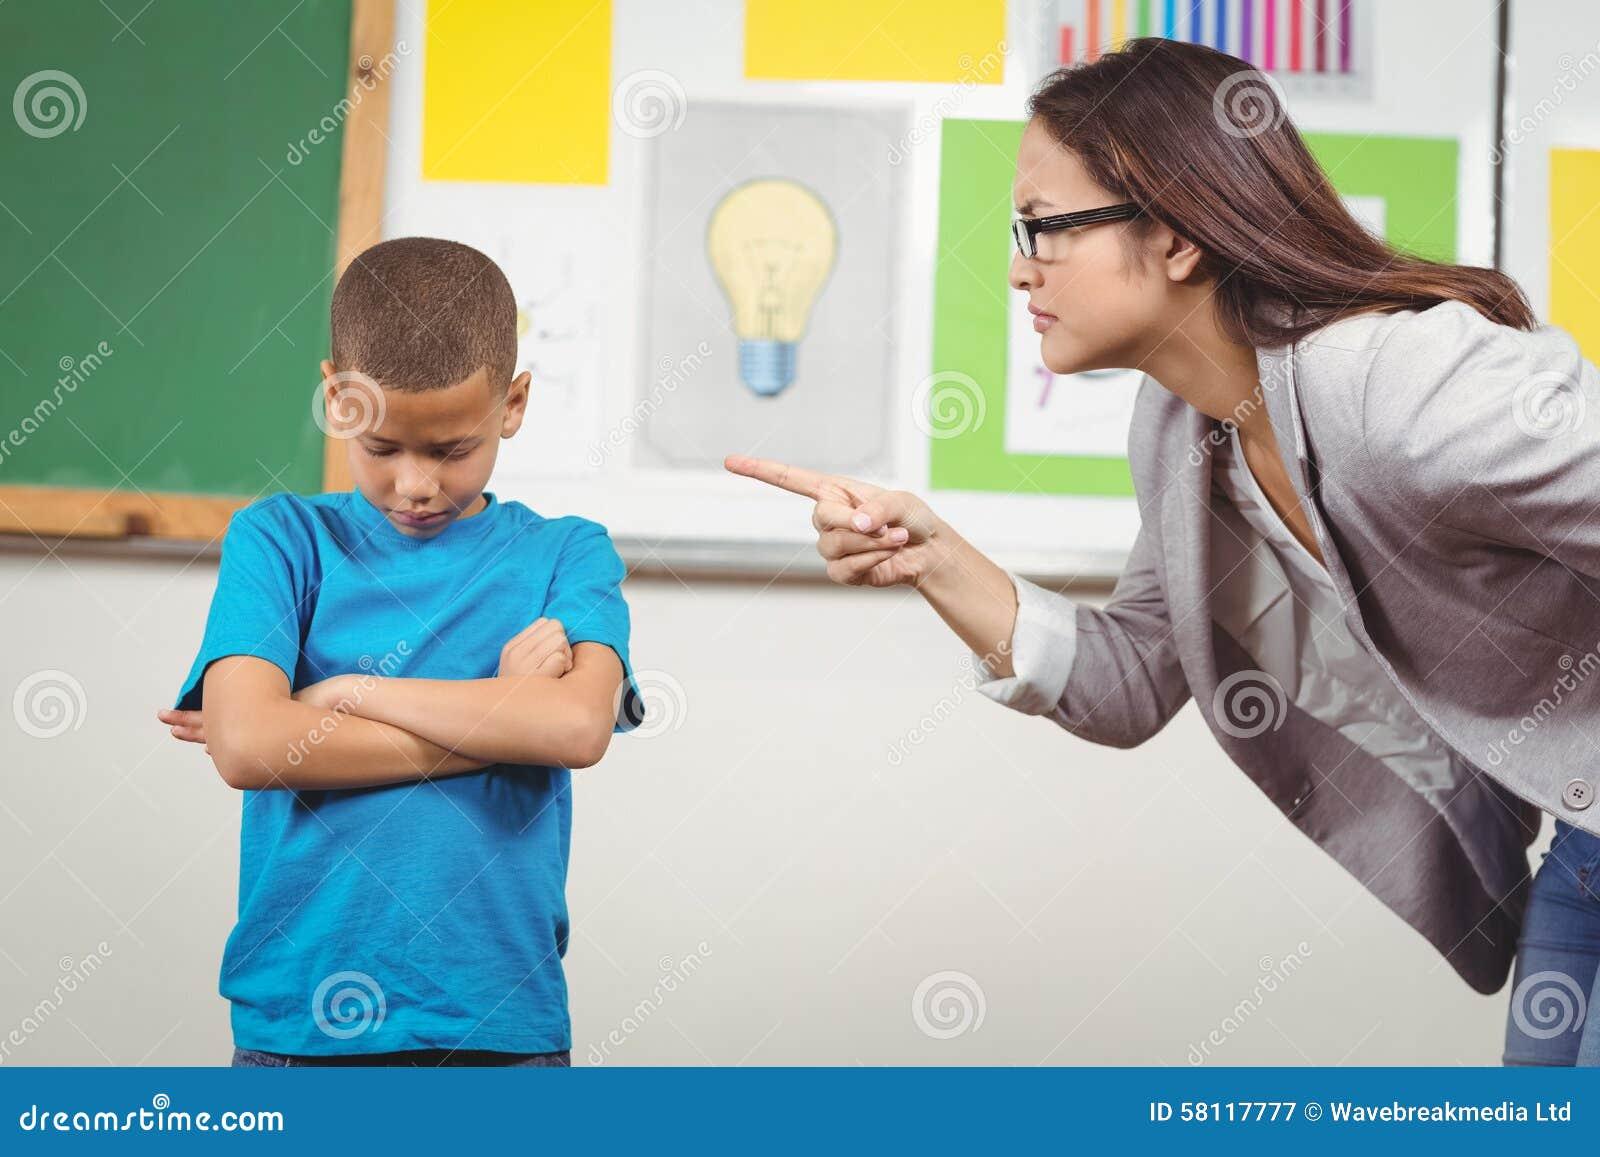 Όμορφος δάσκαλος που επιπλήττει έναν μαθητή